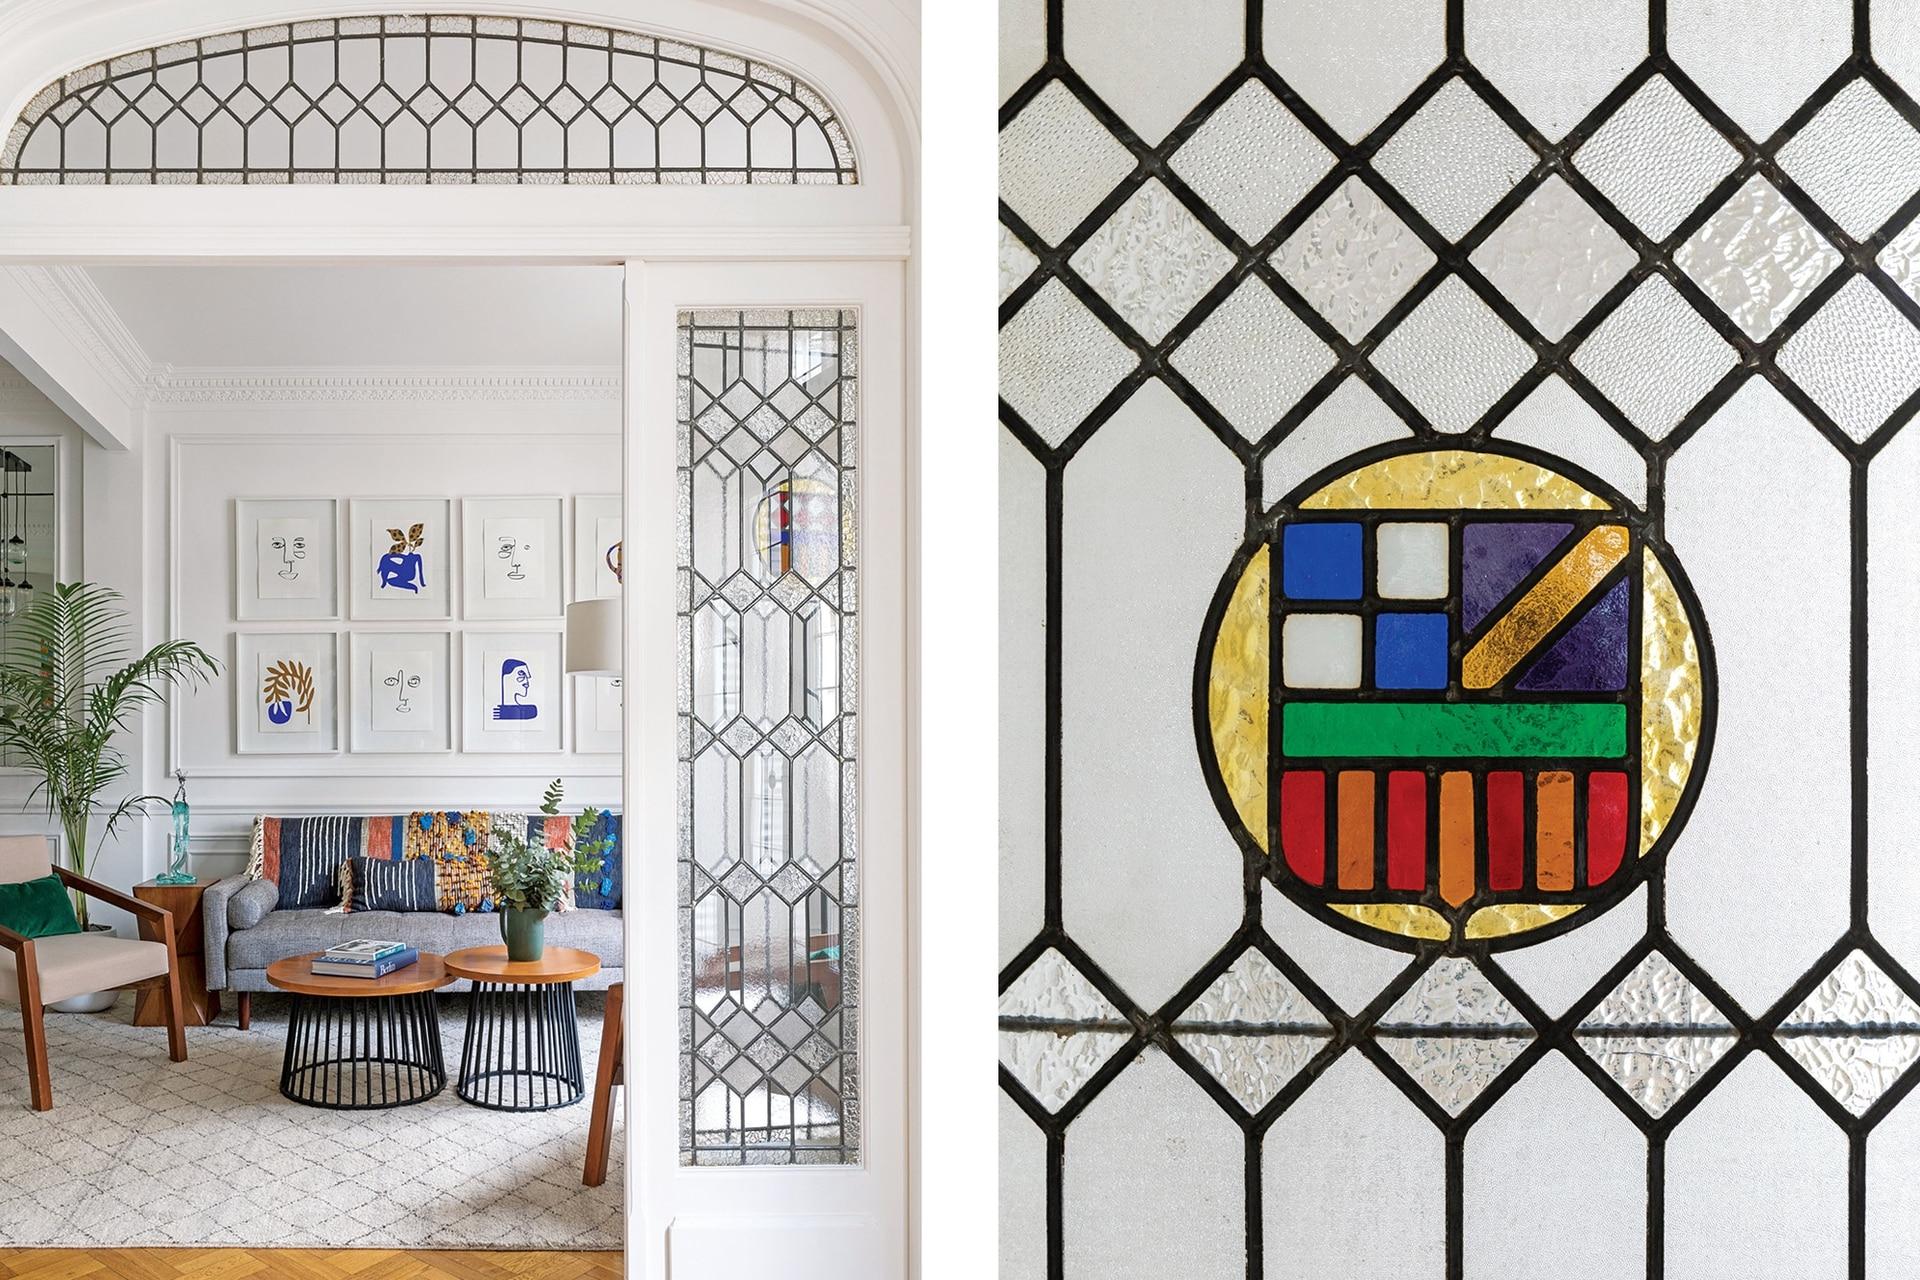 Serie de serigrafías del mexicano Rocca Luis César (regalo de Pablo por el nacimiento de Blas) y, al costado, una escultura de Gladys Silva en vidrio.